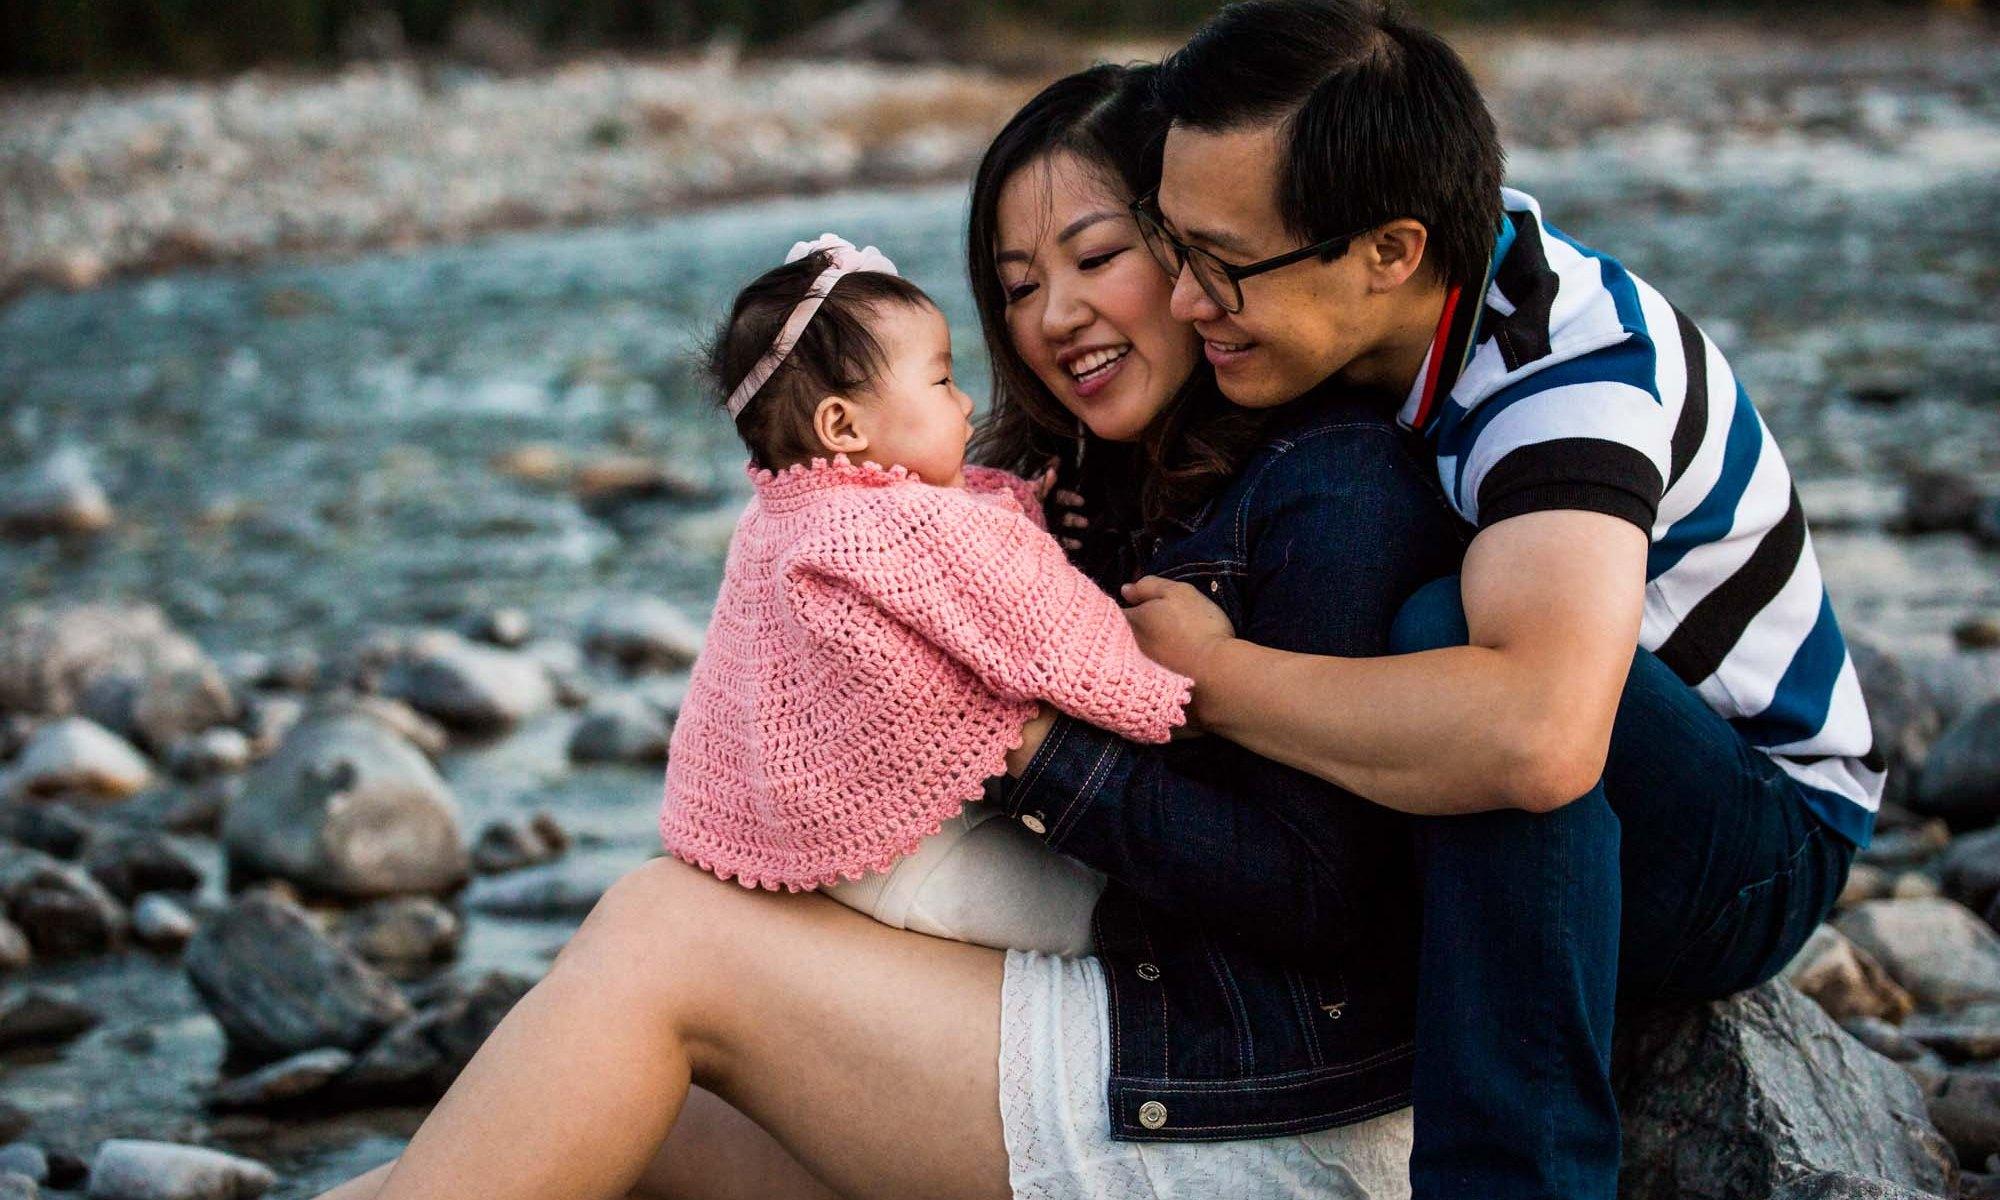 Calgary family photographer - Kananaskis family session